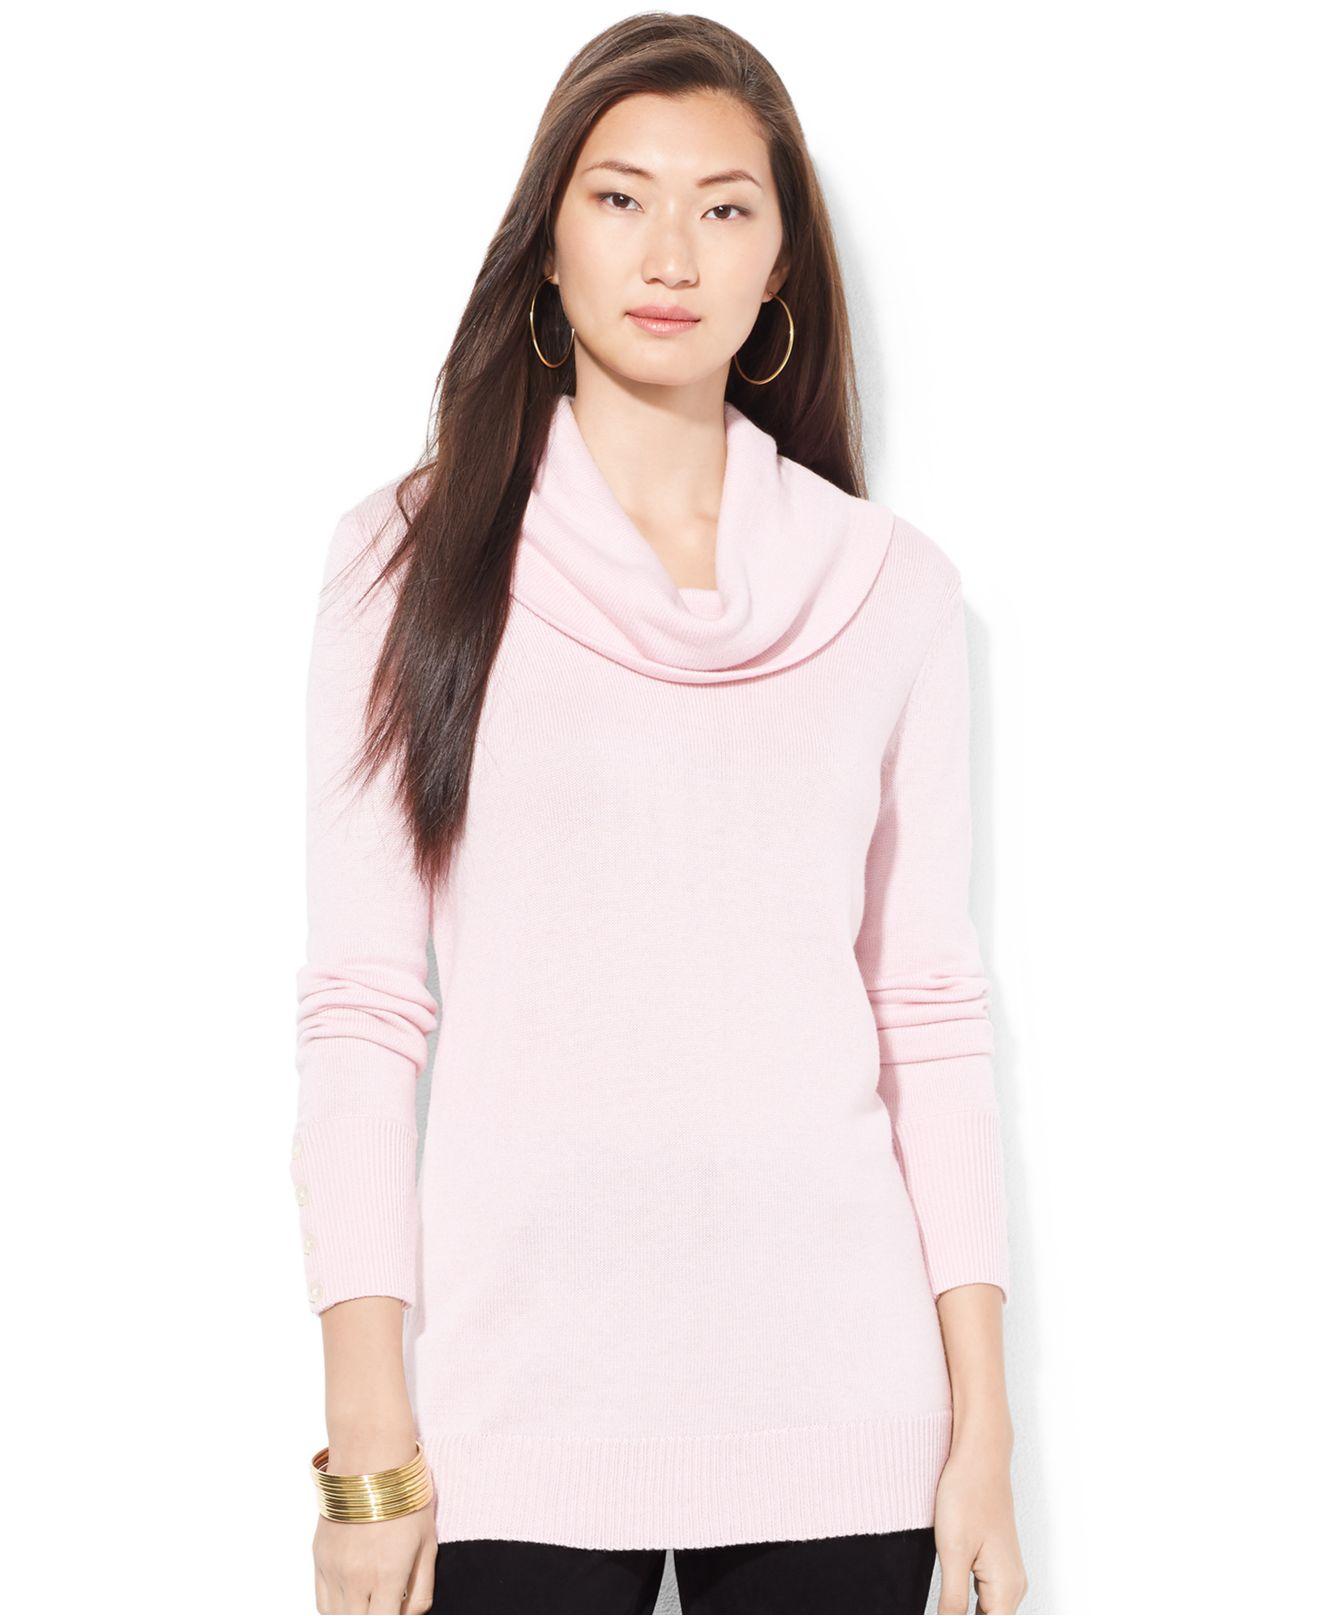 Lauren by ralph lauren Petite Cowl-Neck Sweater in Pink | Lyst